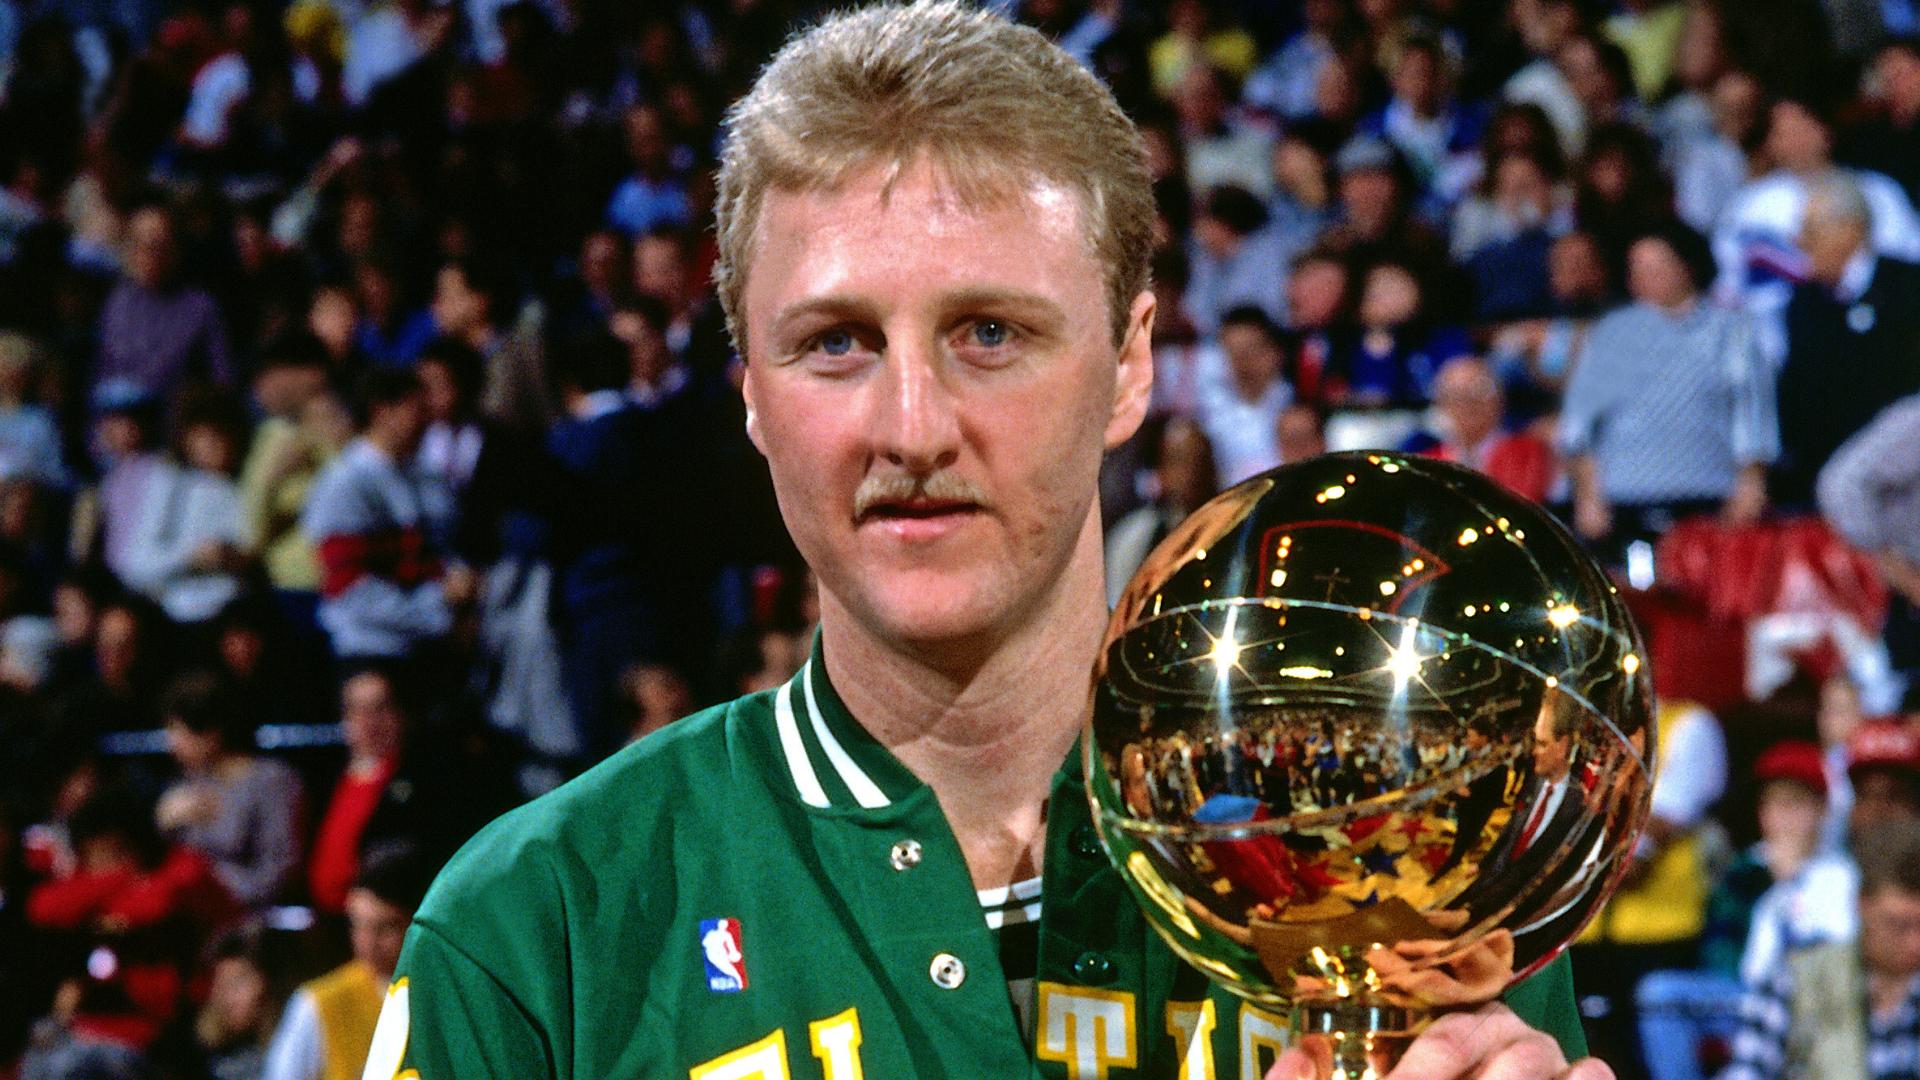 Larry Bird, campeón del concurso de triples de 1988